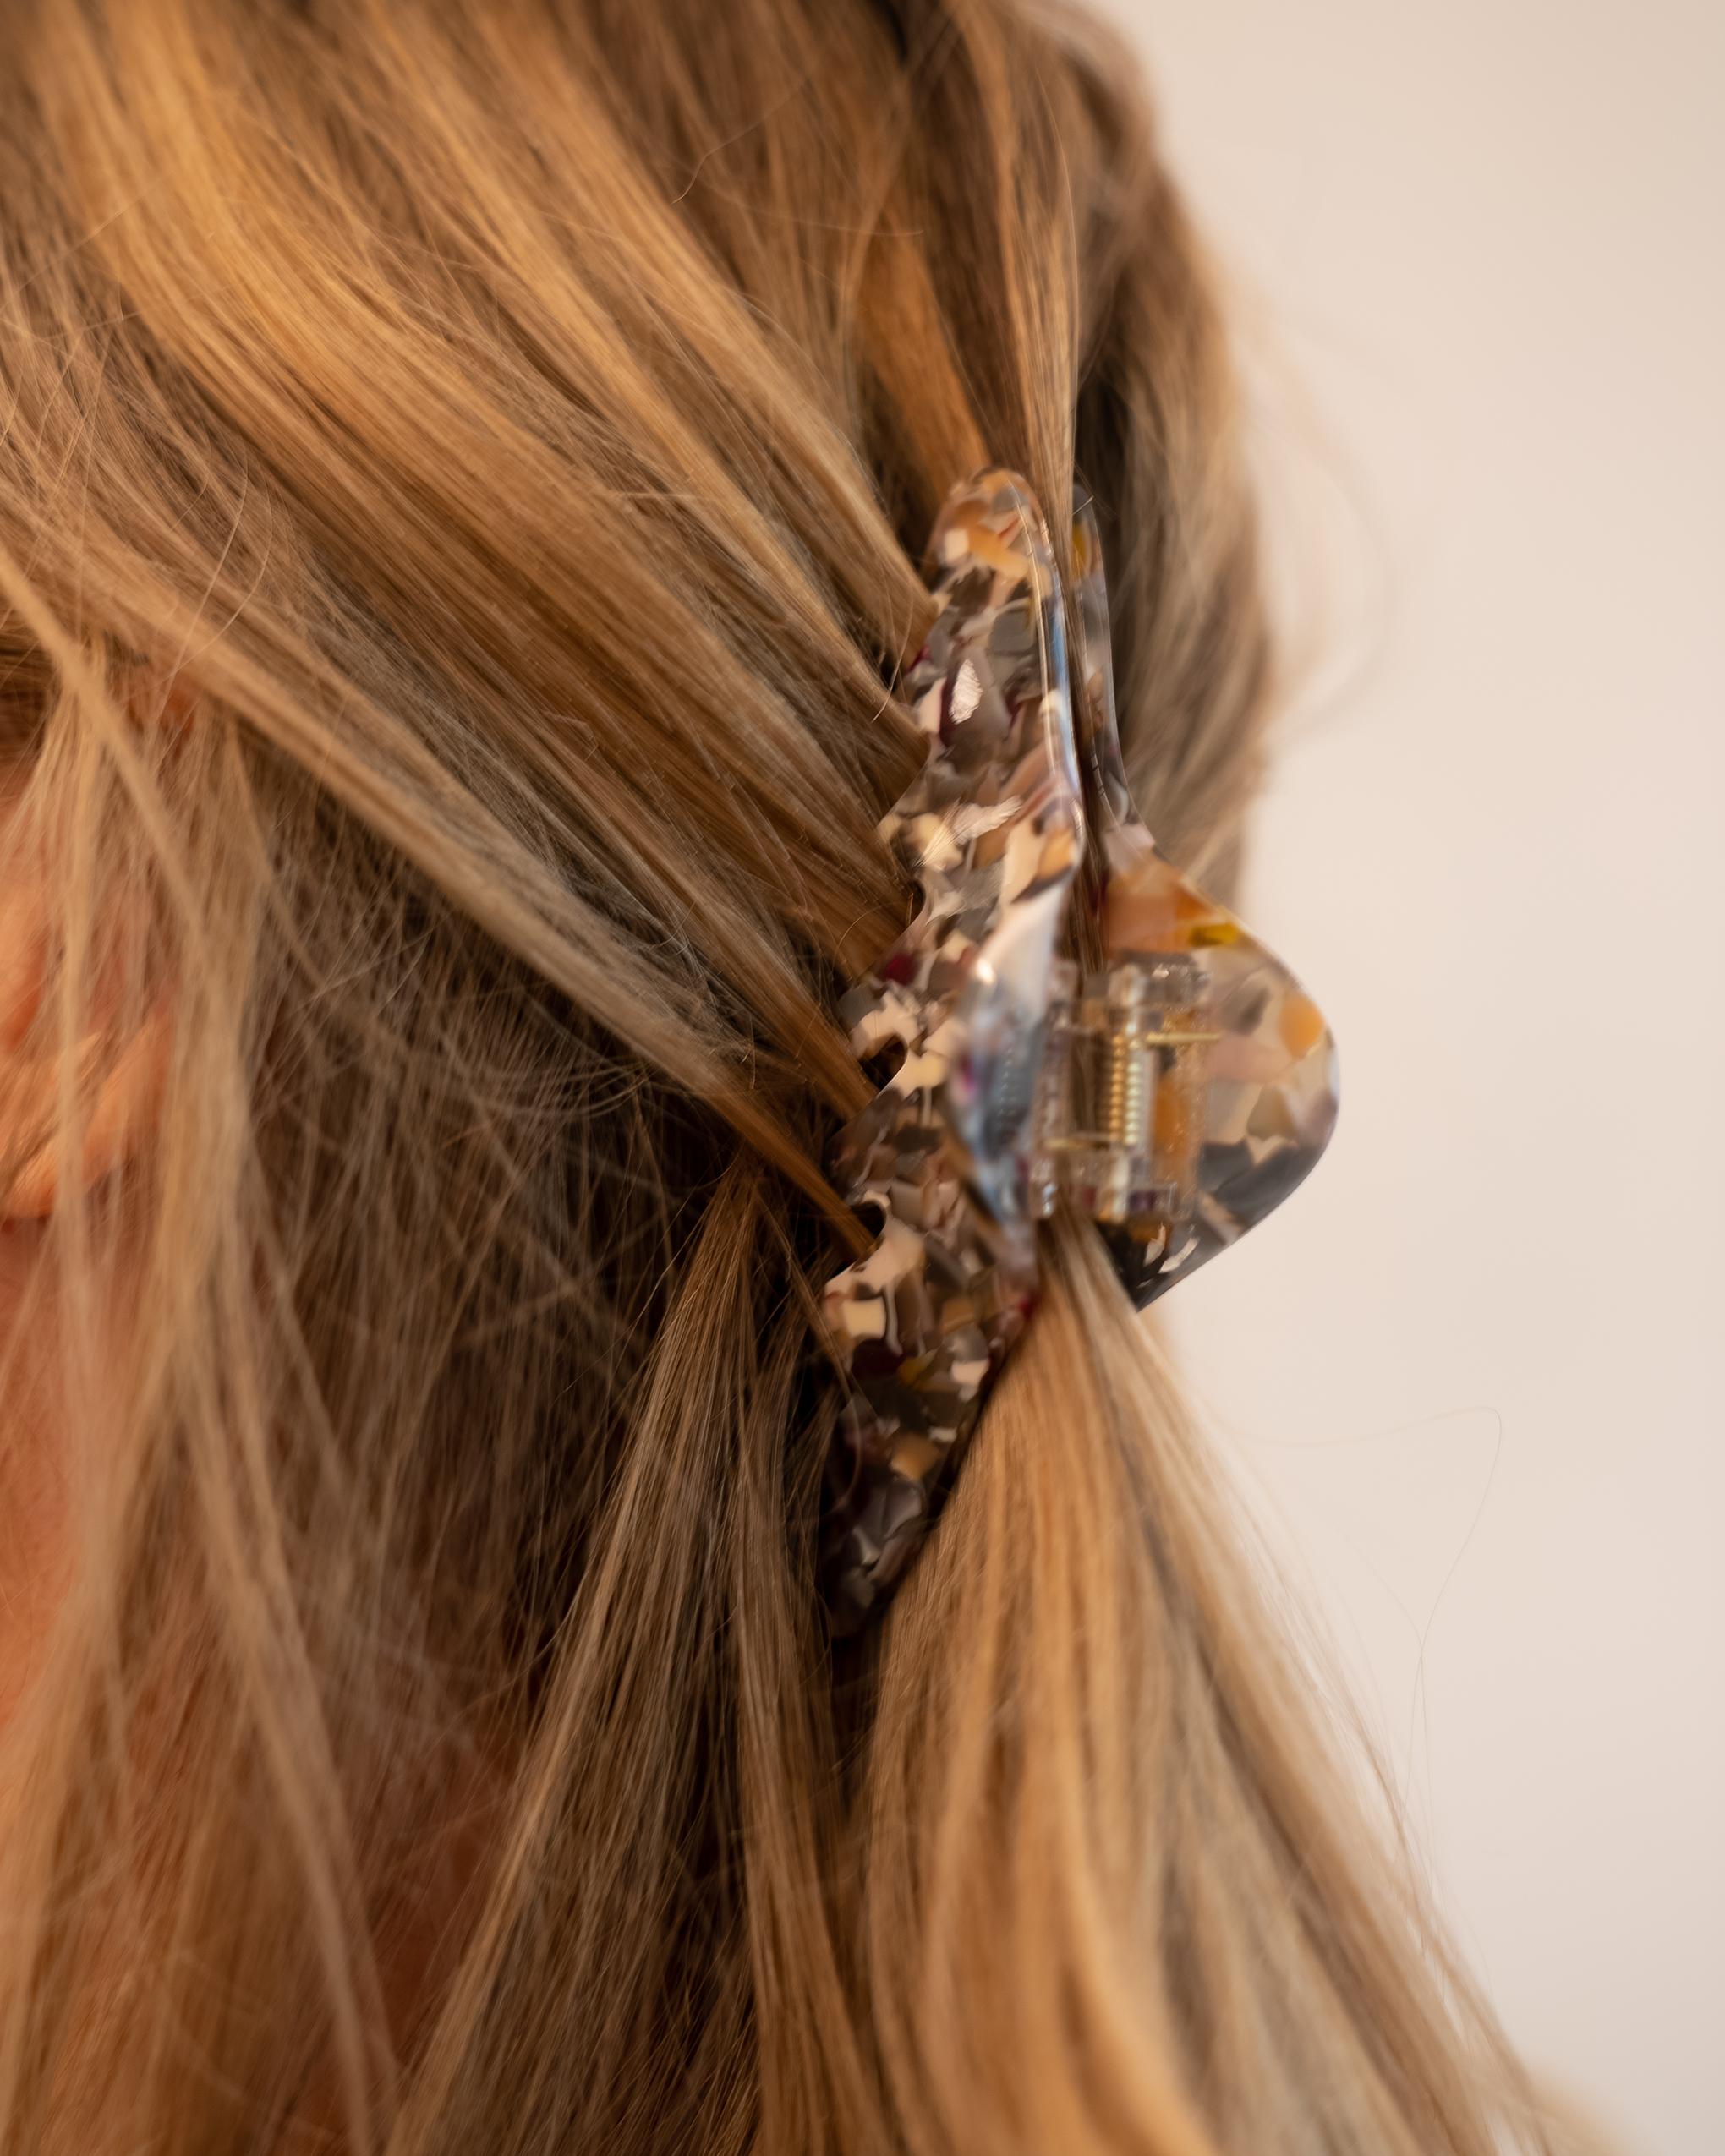 Model wearing Emin + Paul charcoal twist hair claw.